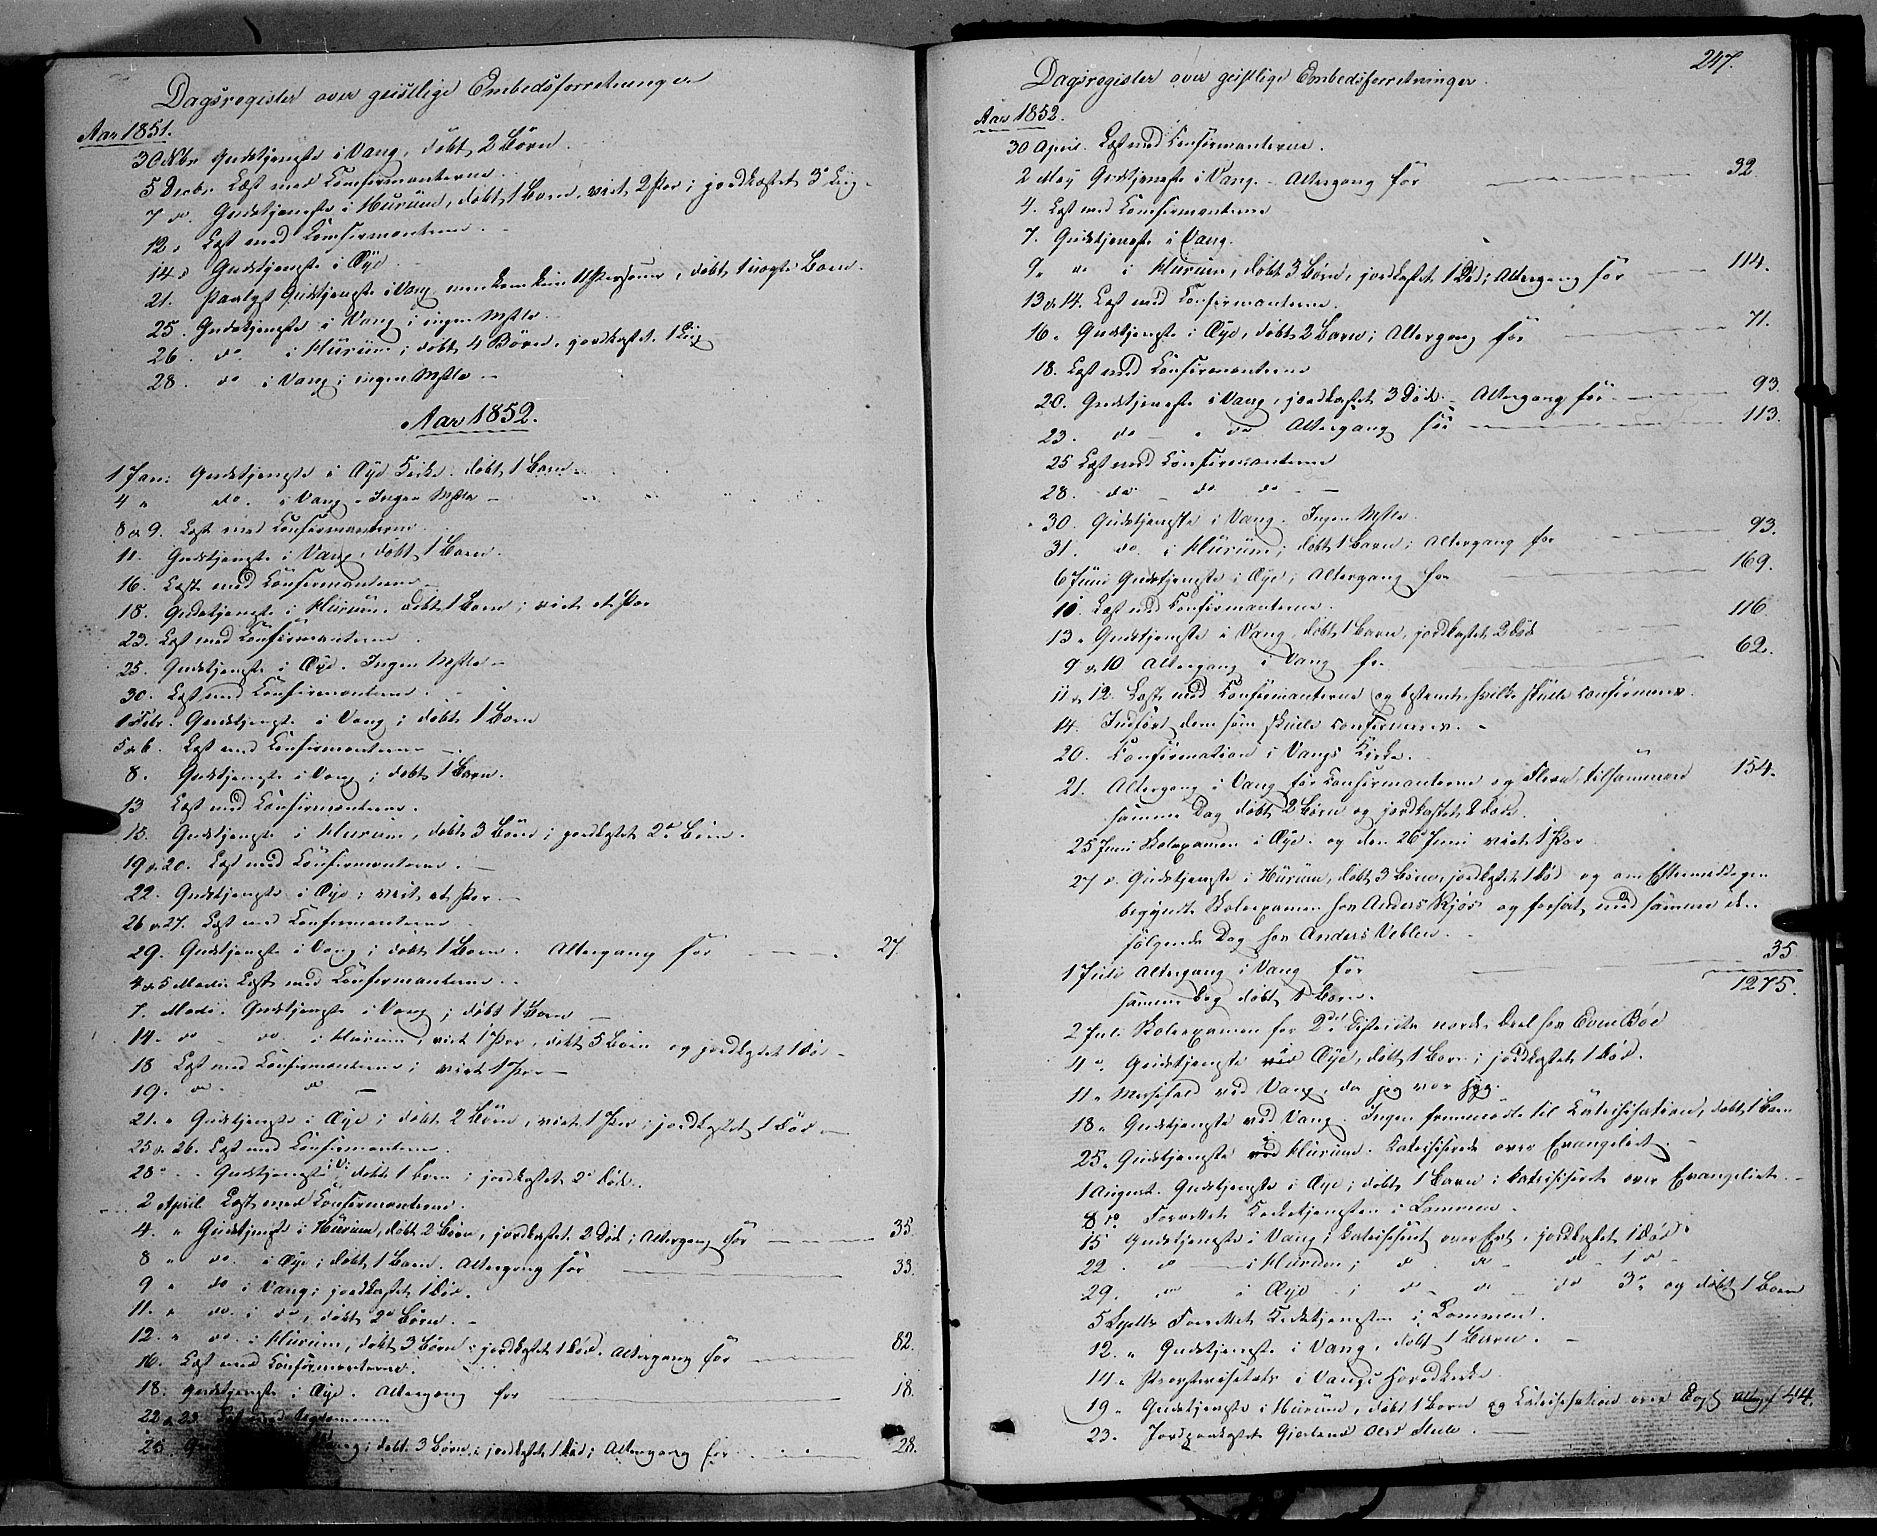 SAH, Vang prestekontor, Valdres, Ministerialbok nr. 6, 1846-1864, s. 247